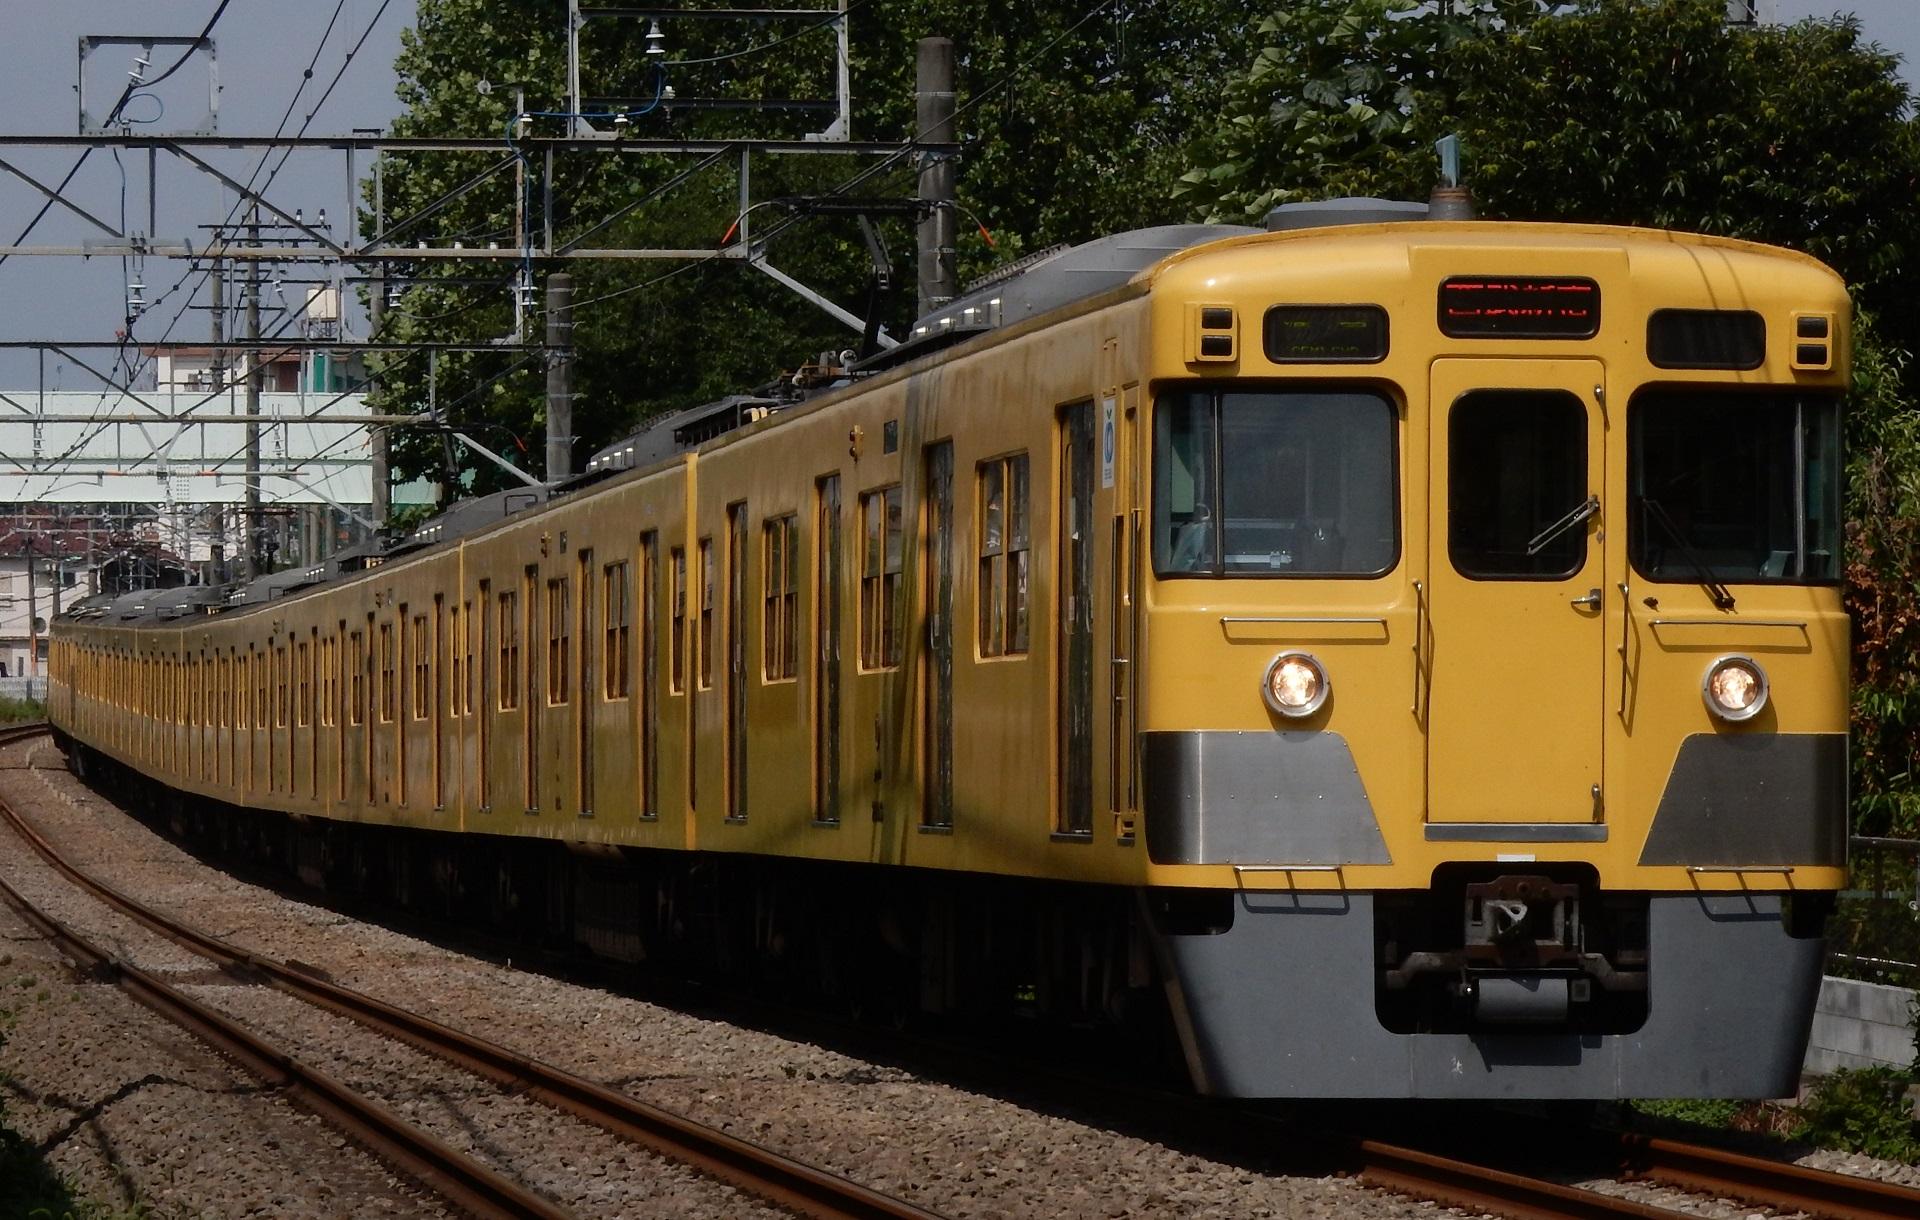 DSCN5023 - コピー